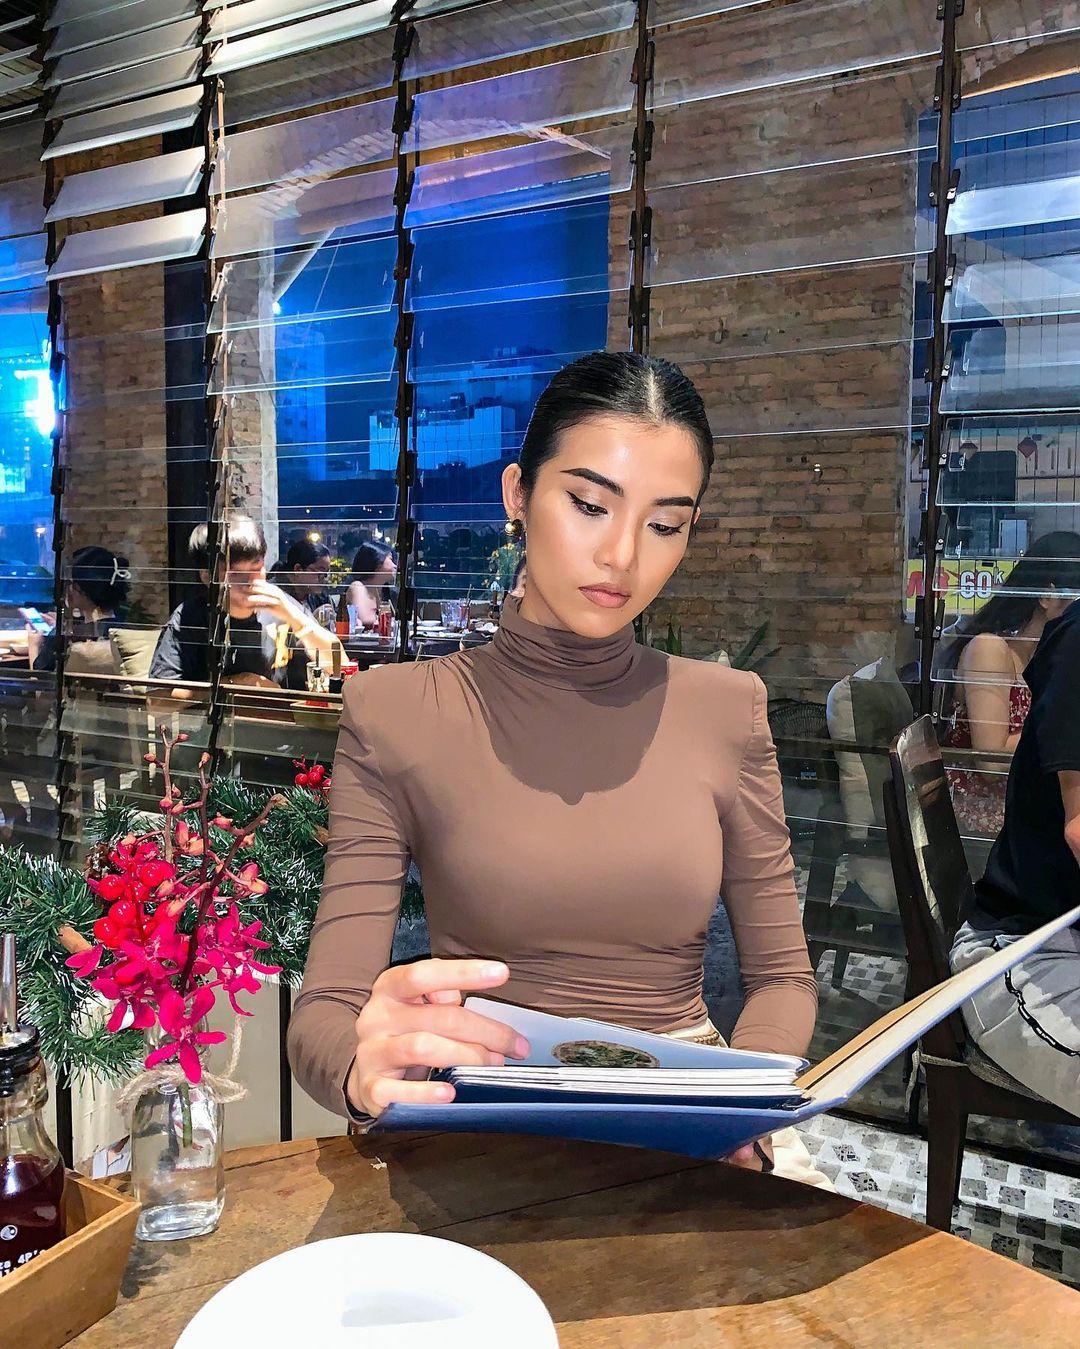 Ngoài danh xưng bản sao Lan Khuê hay chuyện tình cảm với tỷ phú Mỹ, Cổ Ngân cũng được biết đến với vai trò beauty blogger, hot tiktoker có gần 400 nghìn người theo dõi.